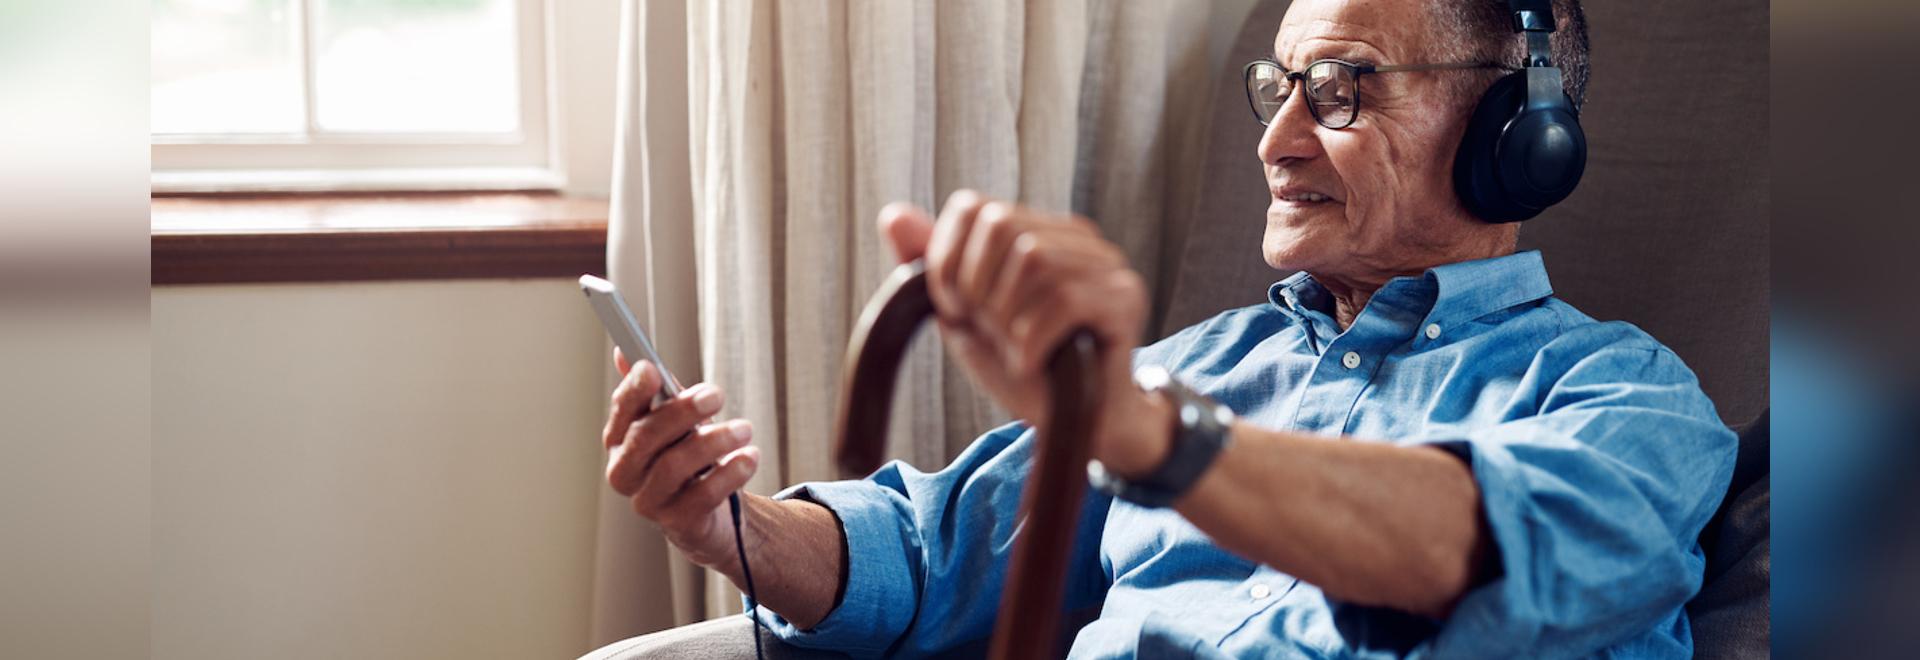 Alexa startet Dienst zur Fernüberwachung und Unterstützung von Senioren durch Pflegekräfte